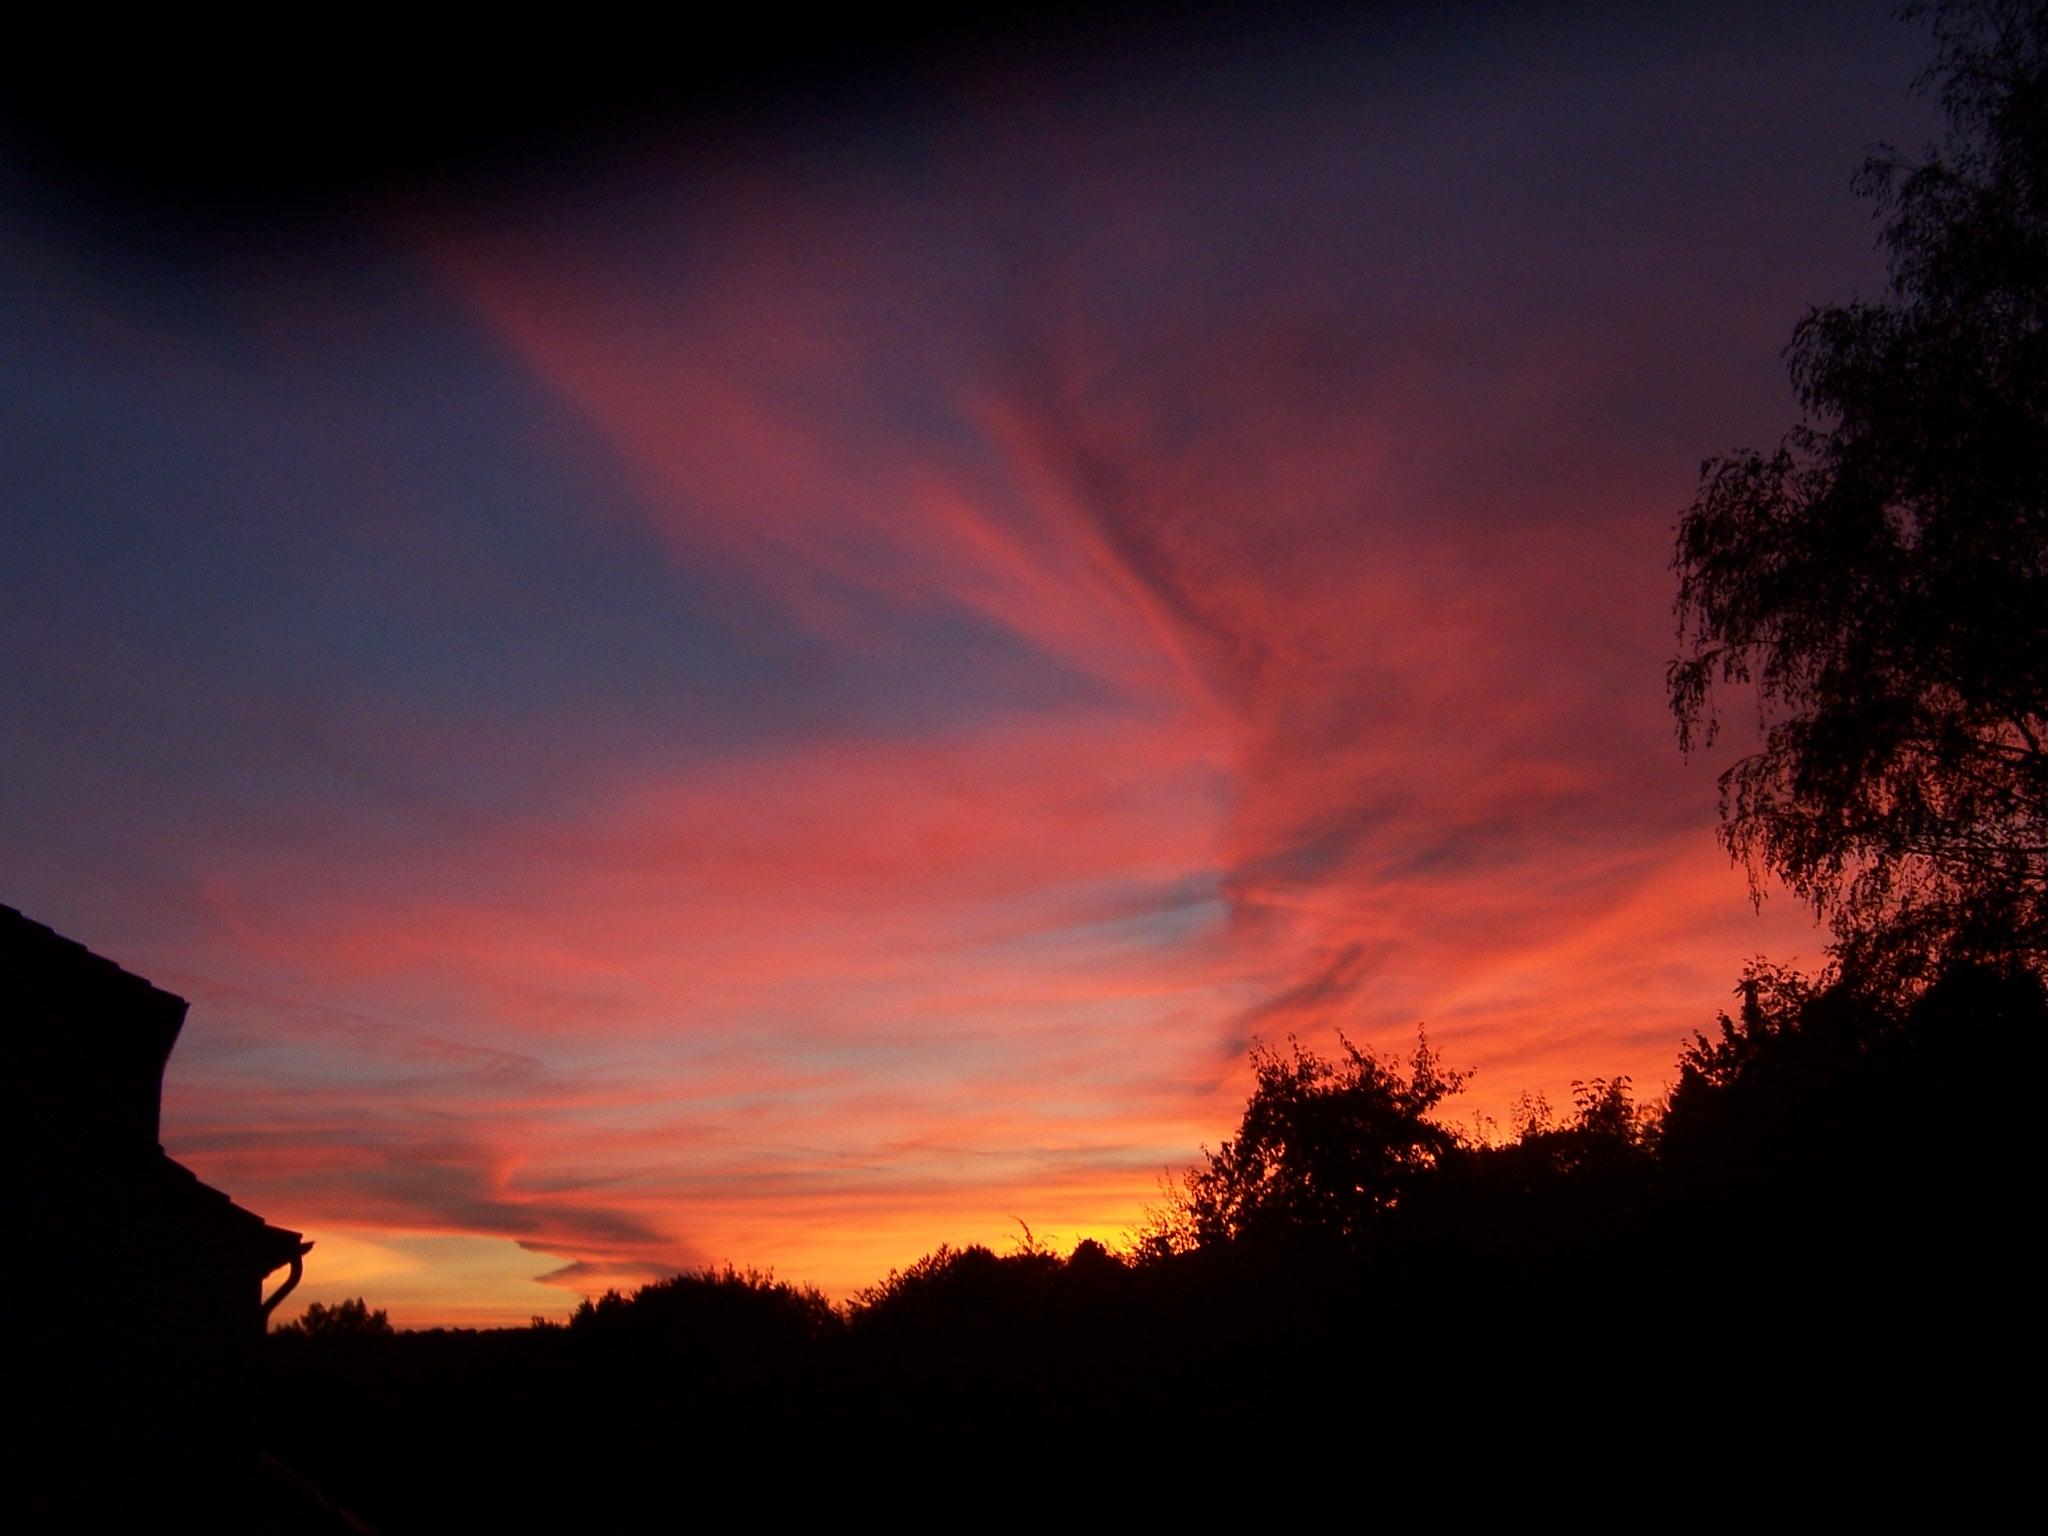 Natur Himmel Wolke Mkarazziputz Krazzi